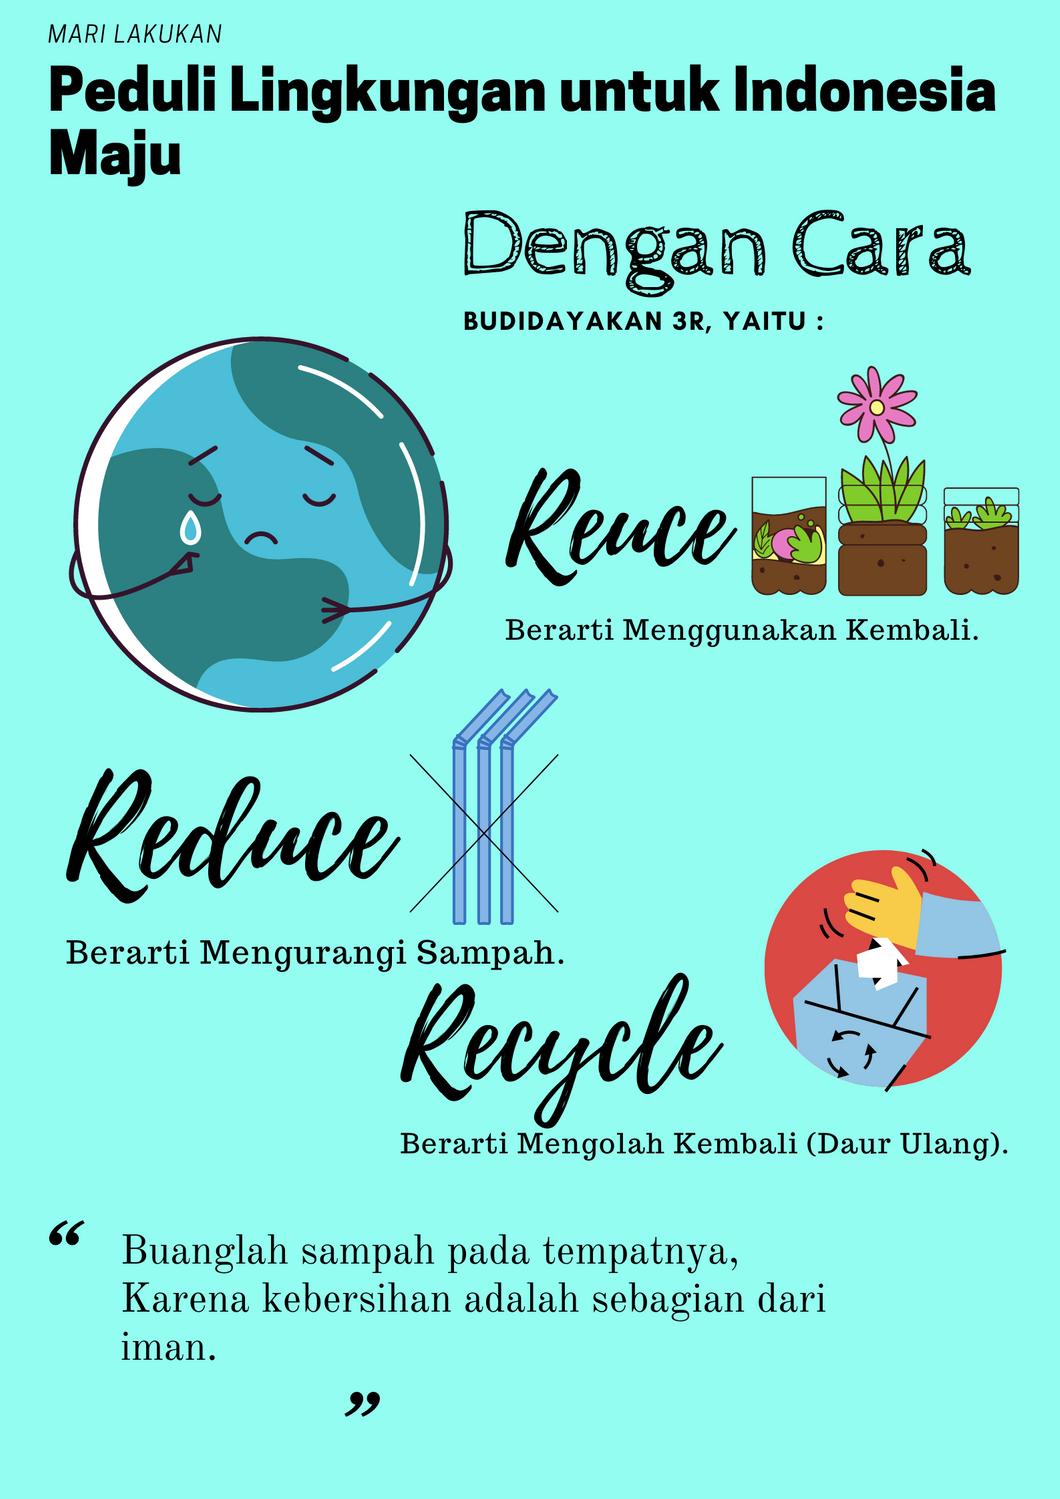 Peduli Lingkungan Iman Indonesia Daur Ulang